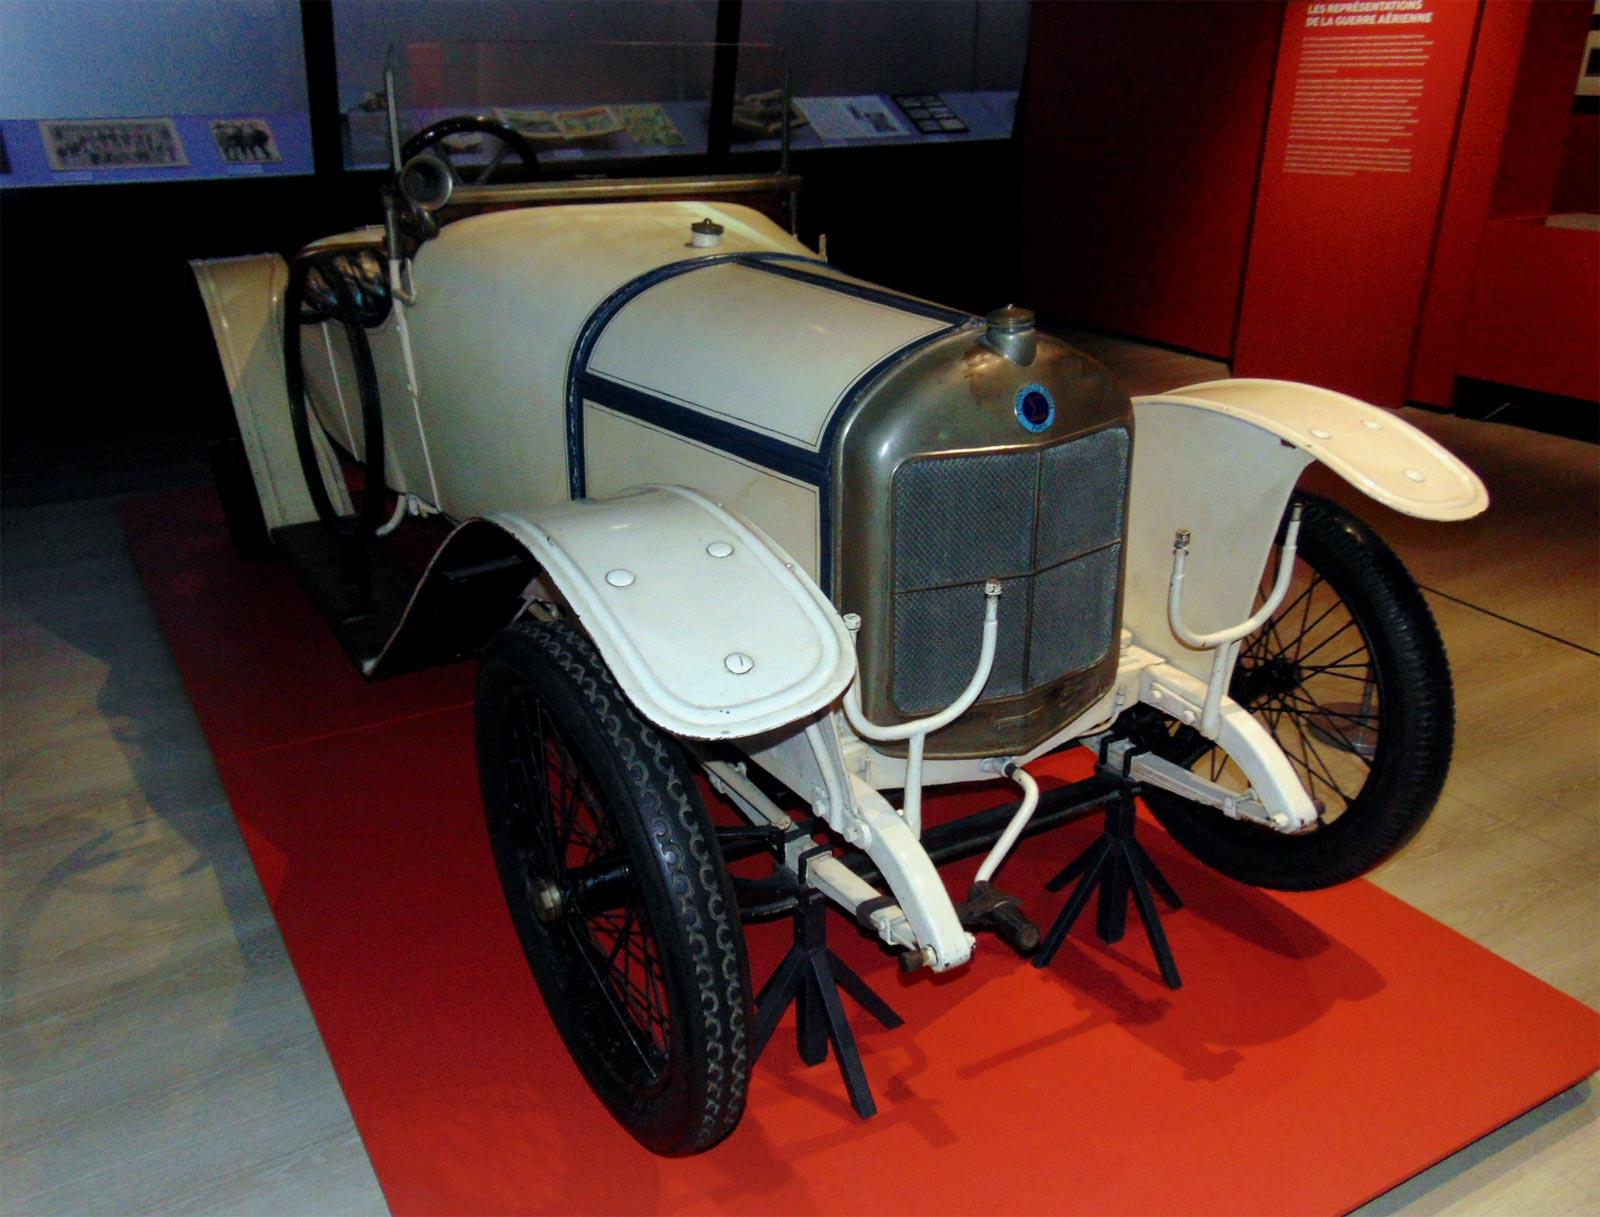 военный автомобиль первой мировой войны в муззее ле Бурже